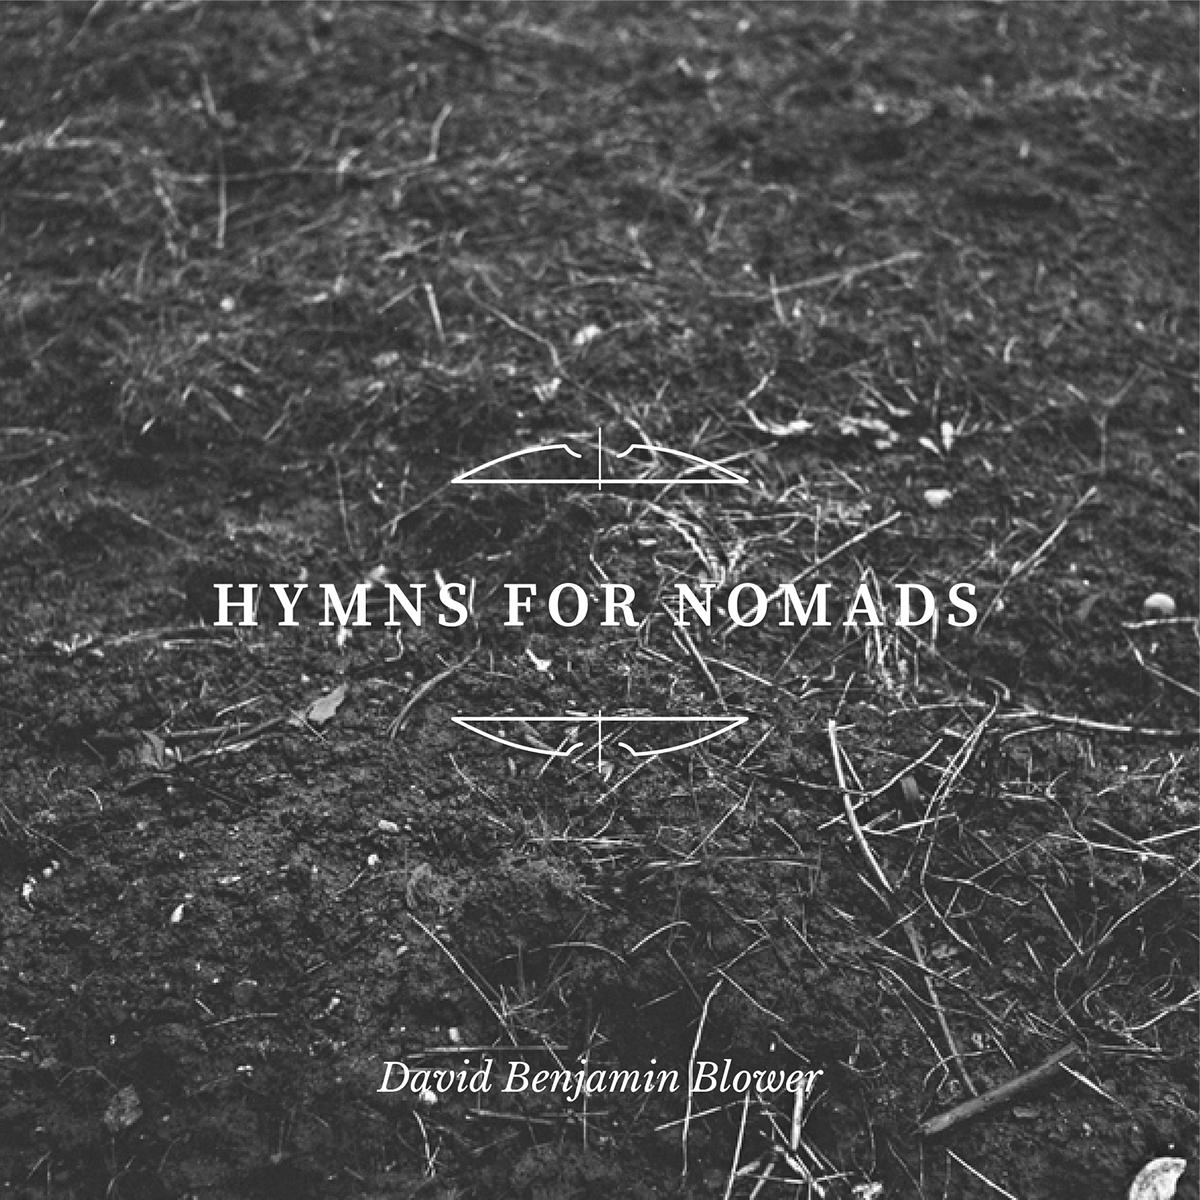 David Benjamin Blower Hymns for Nomads Sputnik